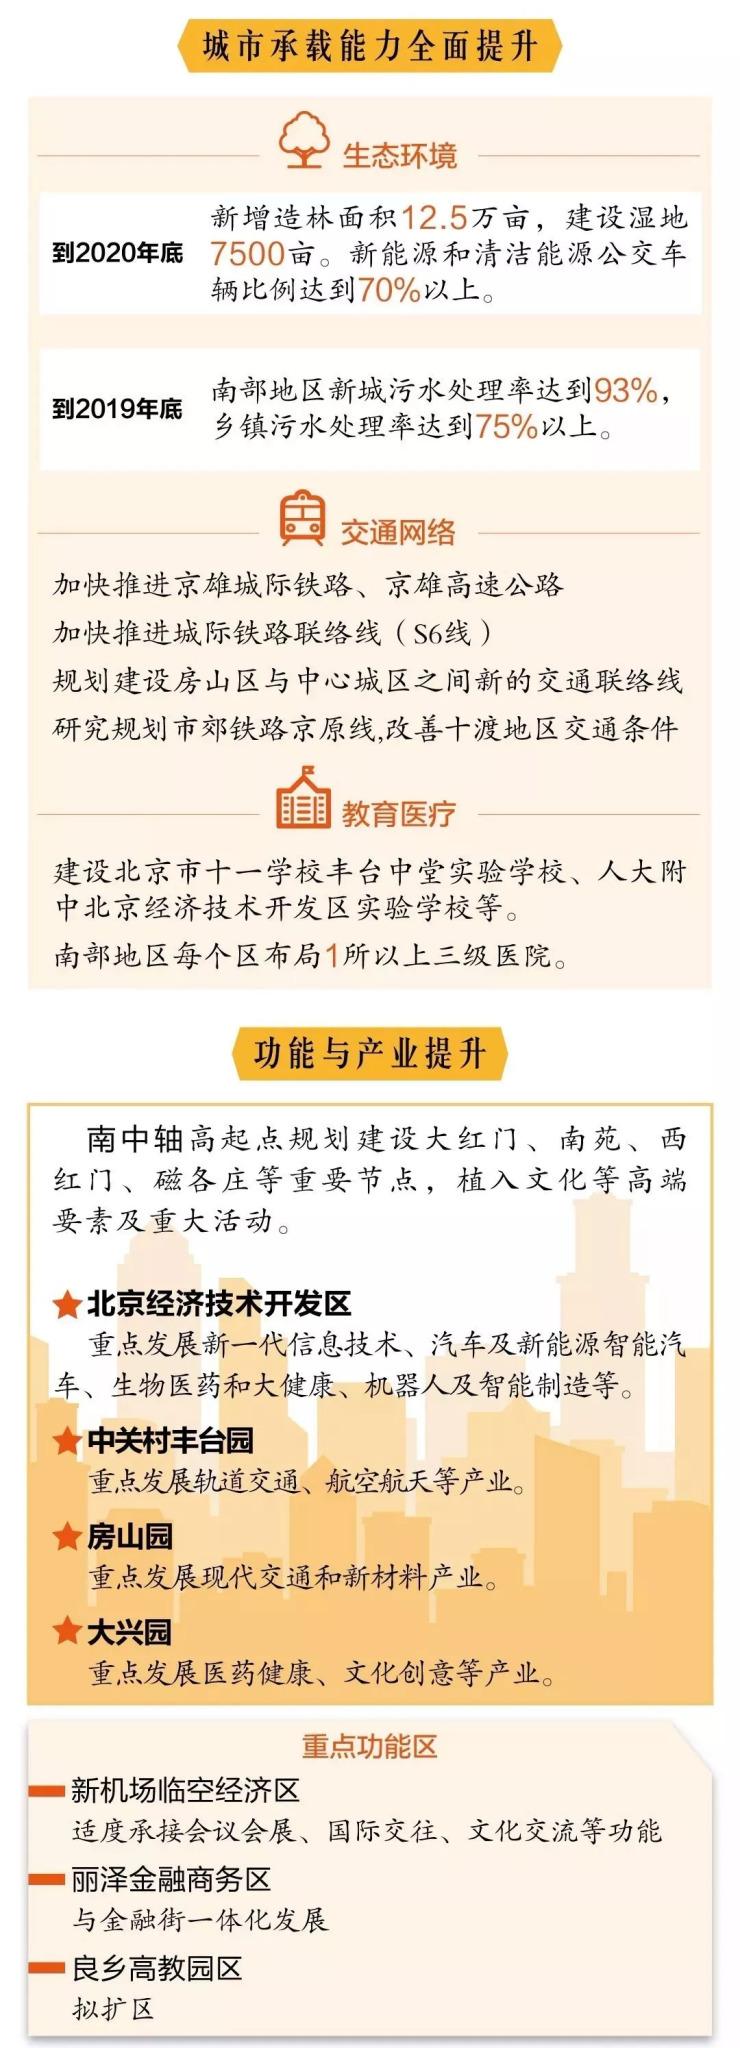 刚刚,北京宣布第三轮城南行动计划 这些地方要腾飞!